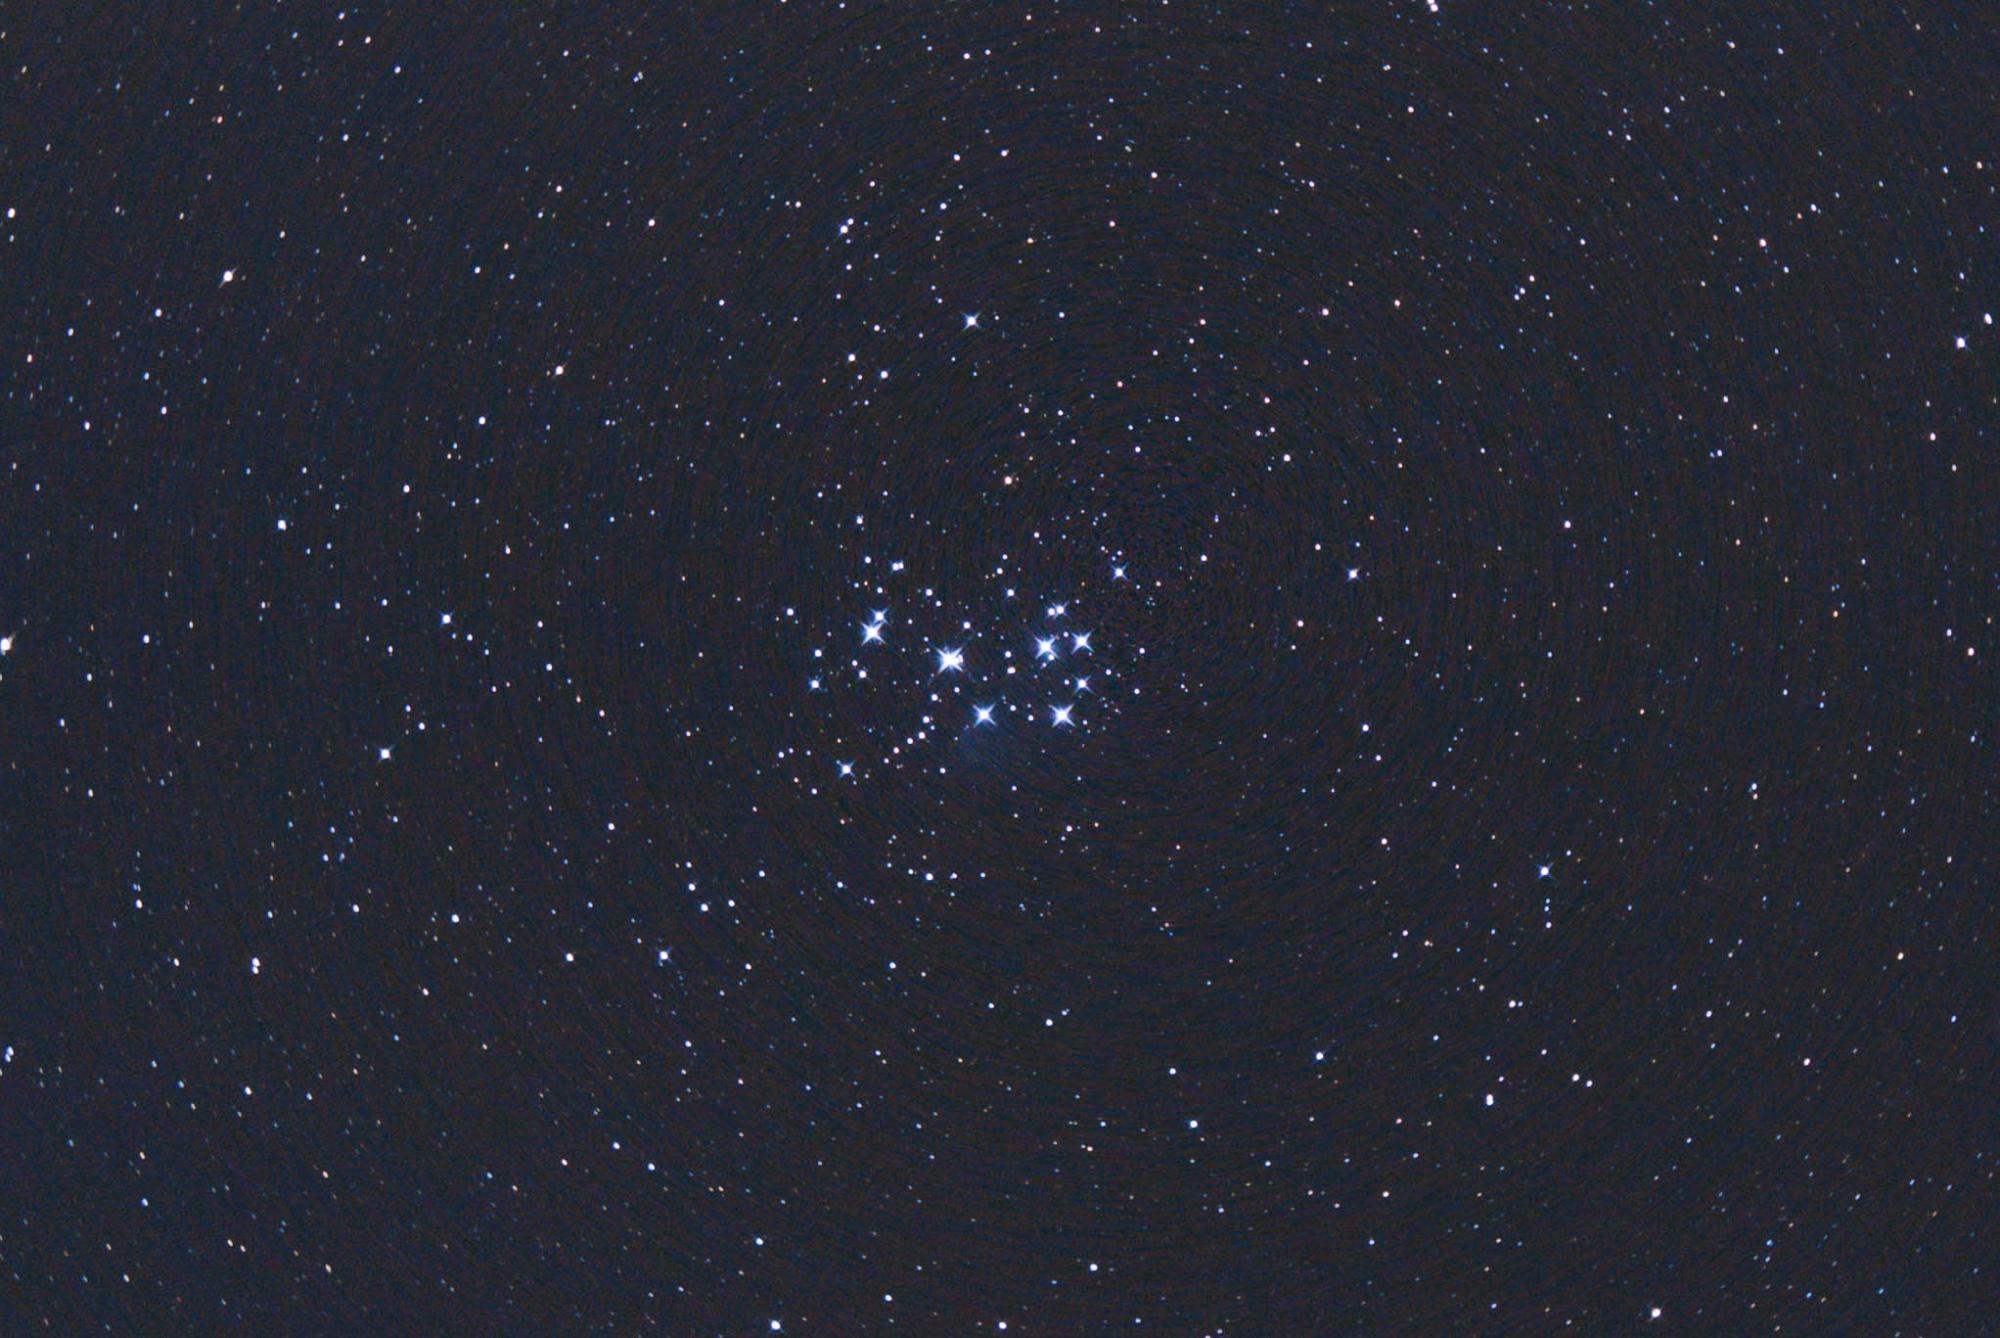 pleiadesPS.thumb.jpg.480d21006626767fa863c6f9f735d2b2.jpg